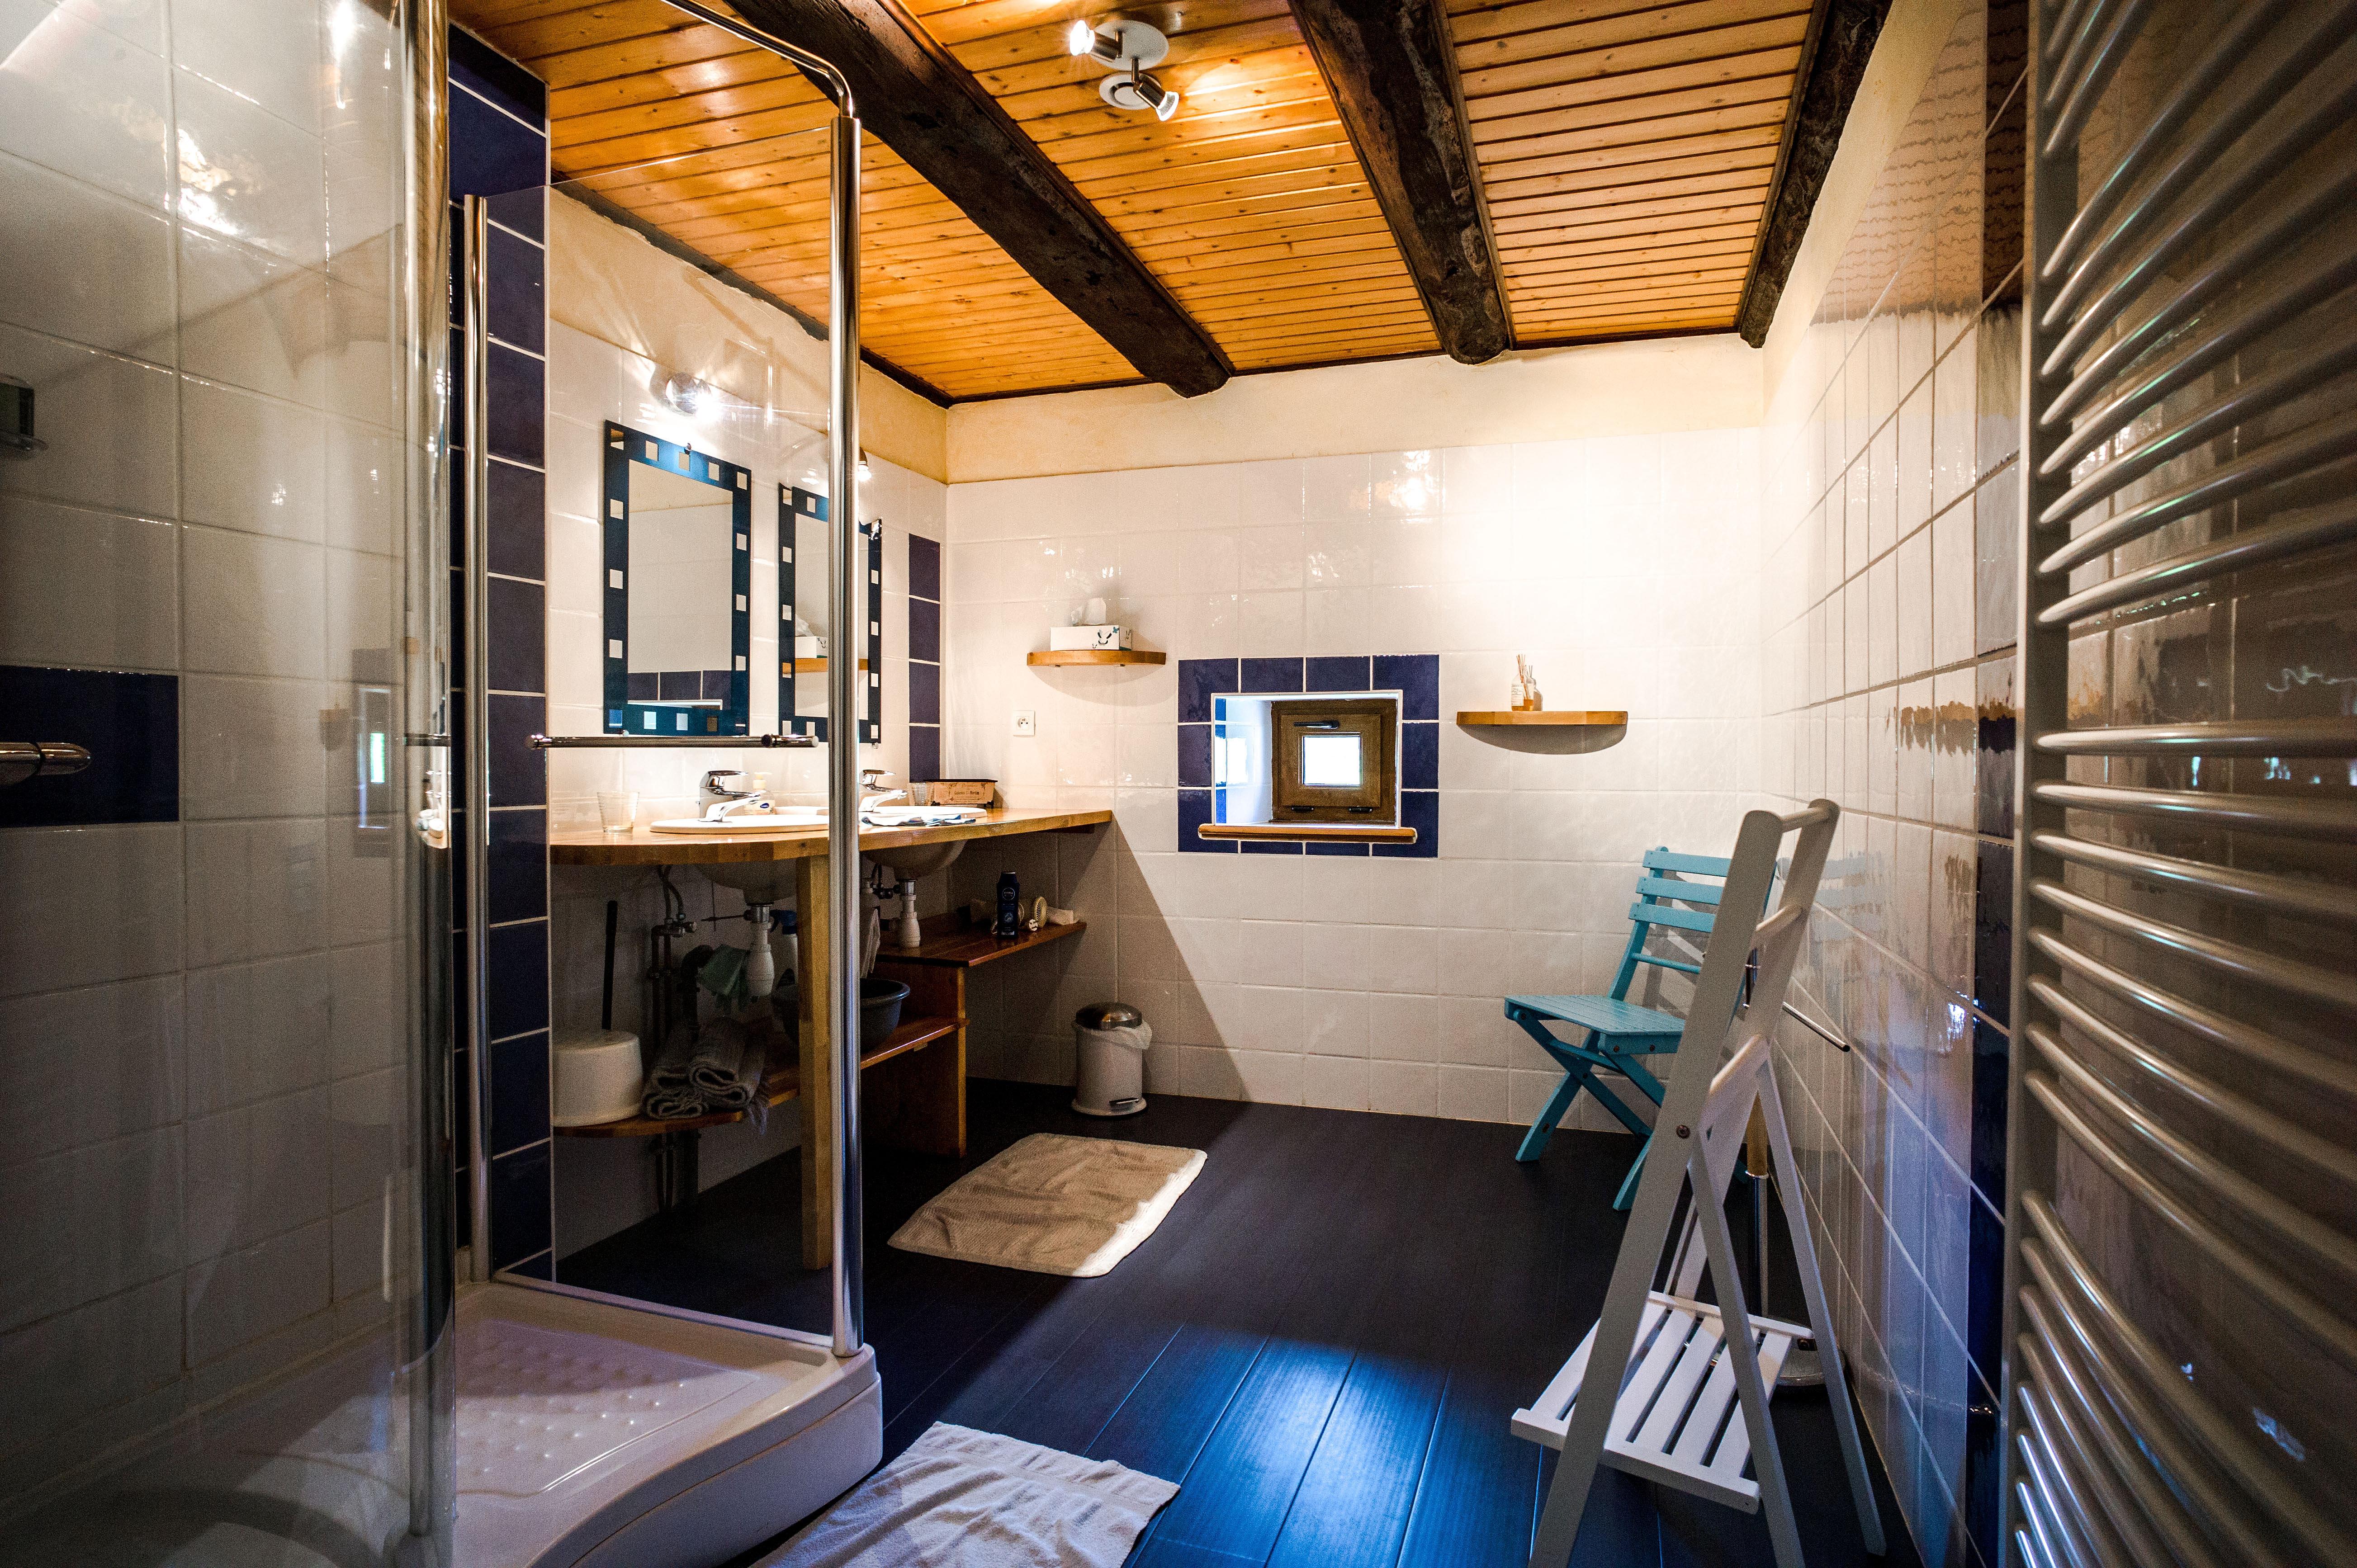 gite la pierre d 39 eau g te de charme en alsace salle d 39 eau. Black Bedroom Furniture Sets. Home Design Ideas